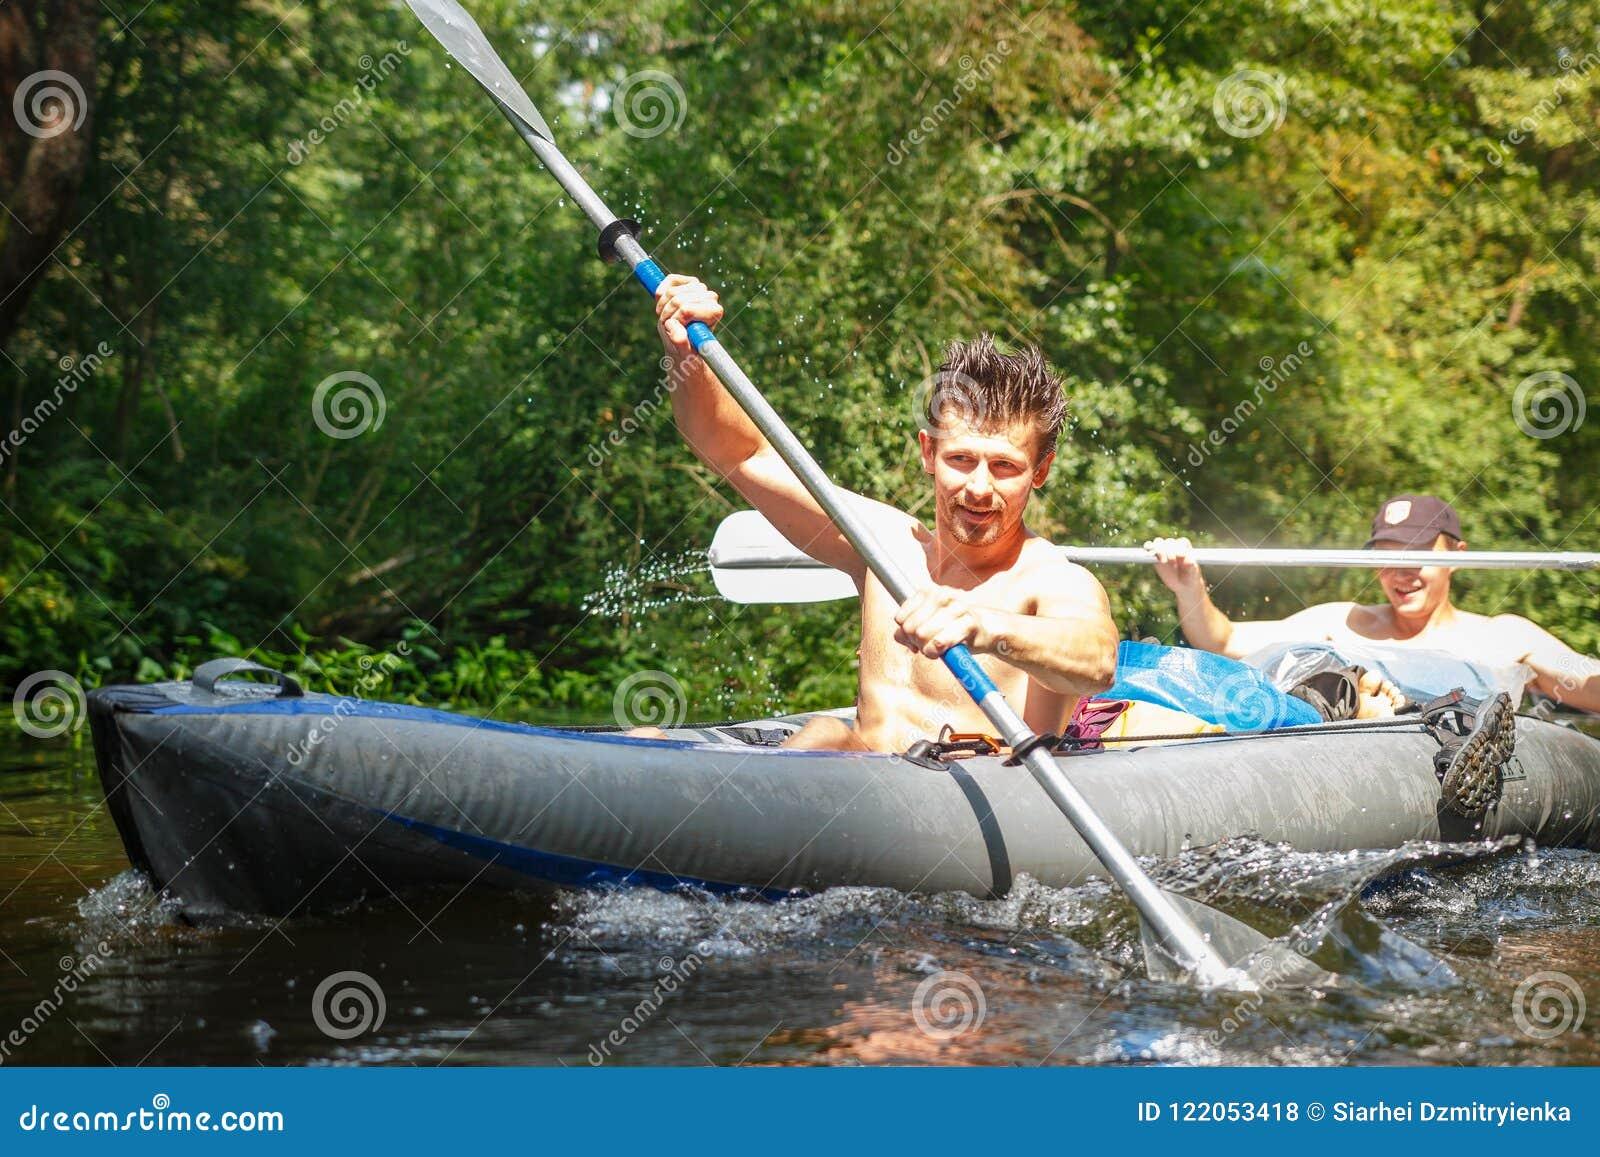 Zwei Ruderer im Boot mit Rudern in den Händen auf dem Fluss am Sommertag Jungesportkerle schwimmen ein Kanu entlang dem Fluss